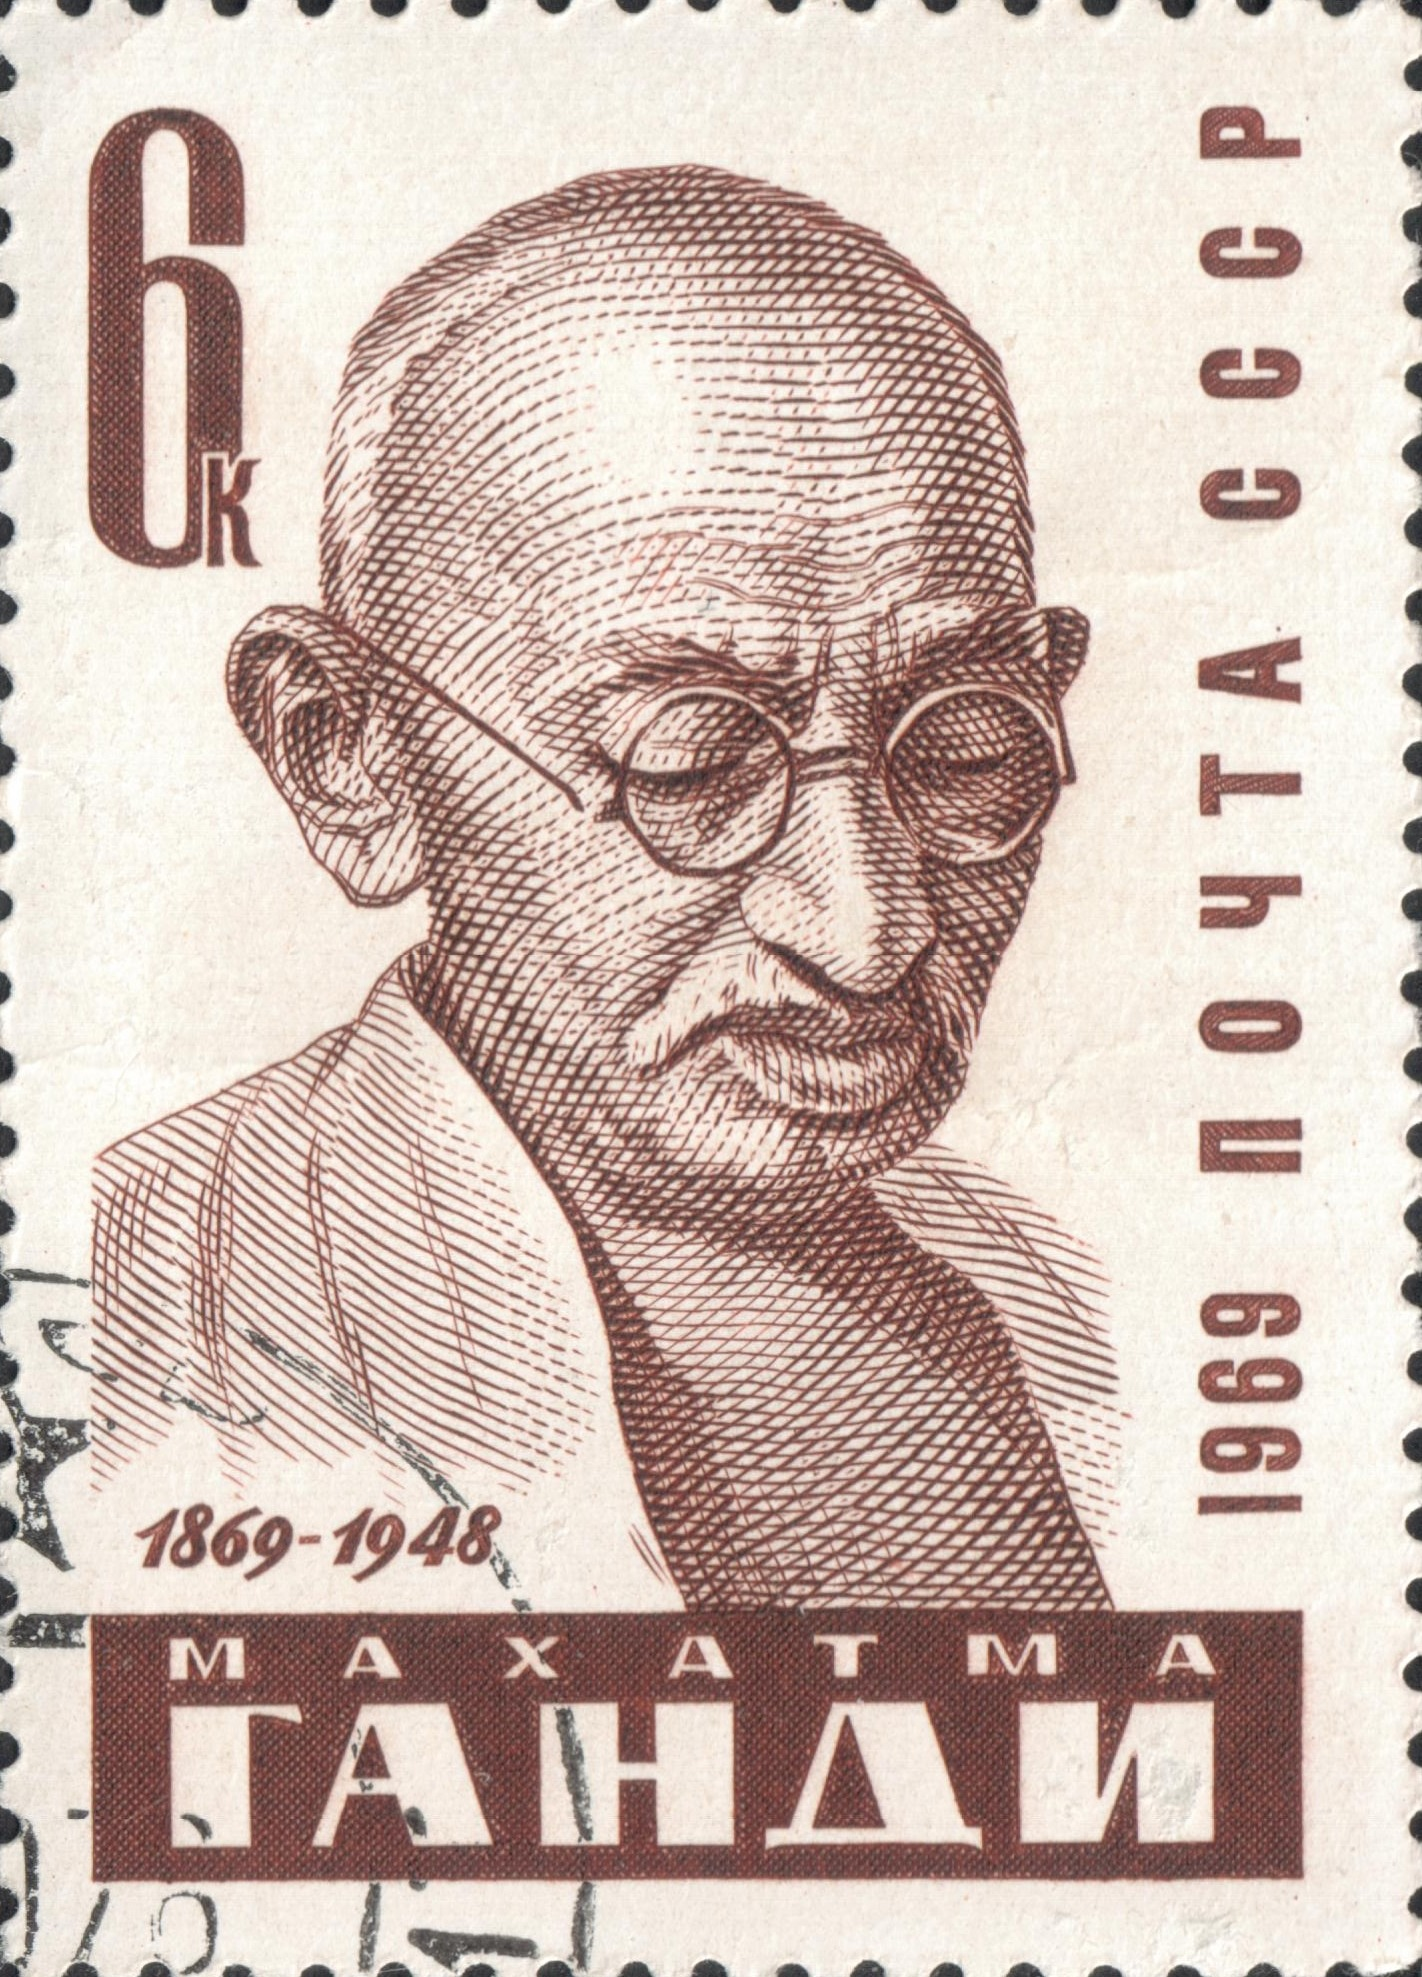 Почтовая марка СССР, посвящённая 100-летию М. Ганди